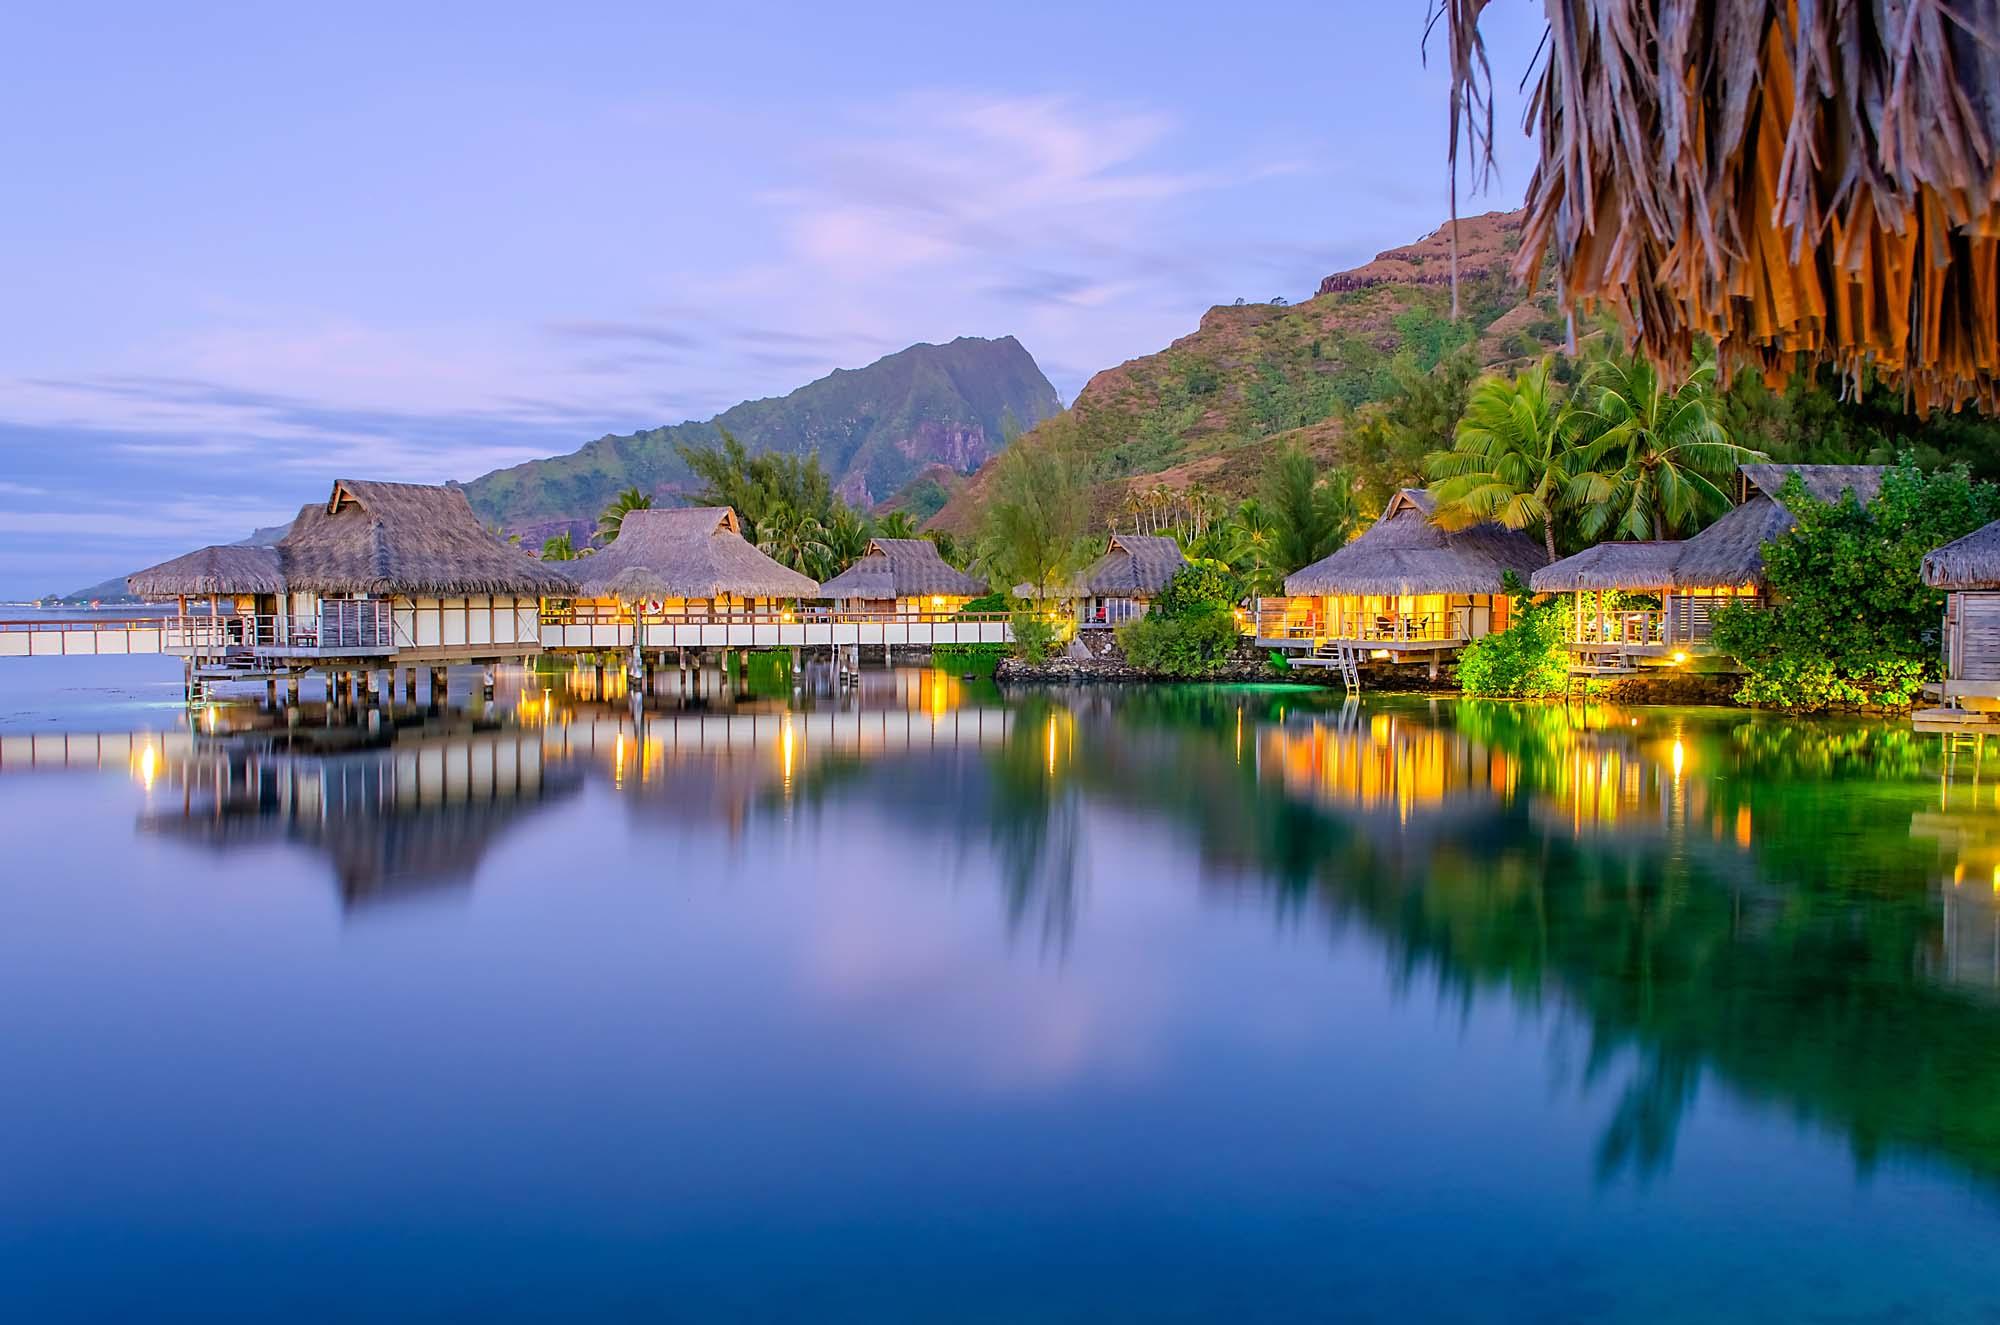 Tahiti, French Polynesia eid summer travel destination ideas